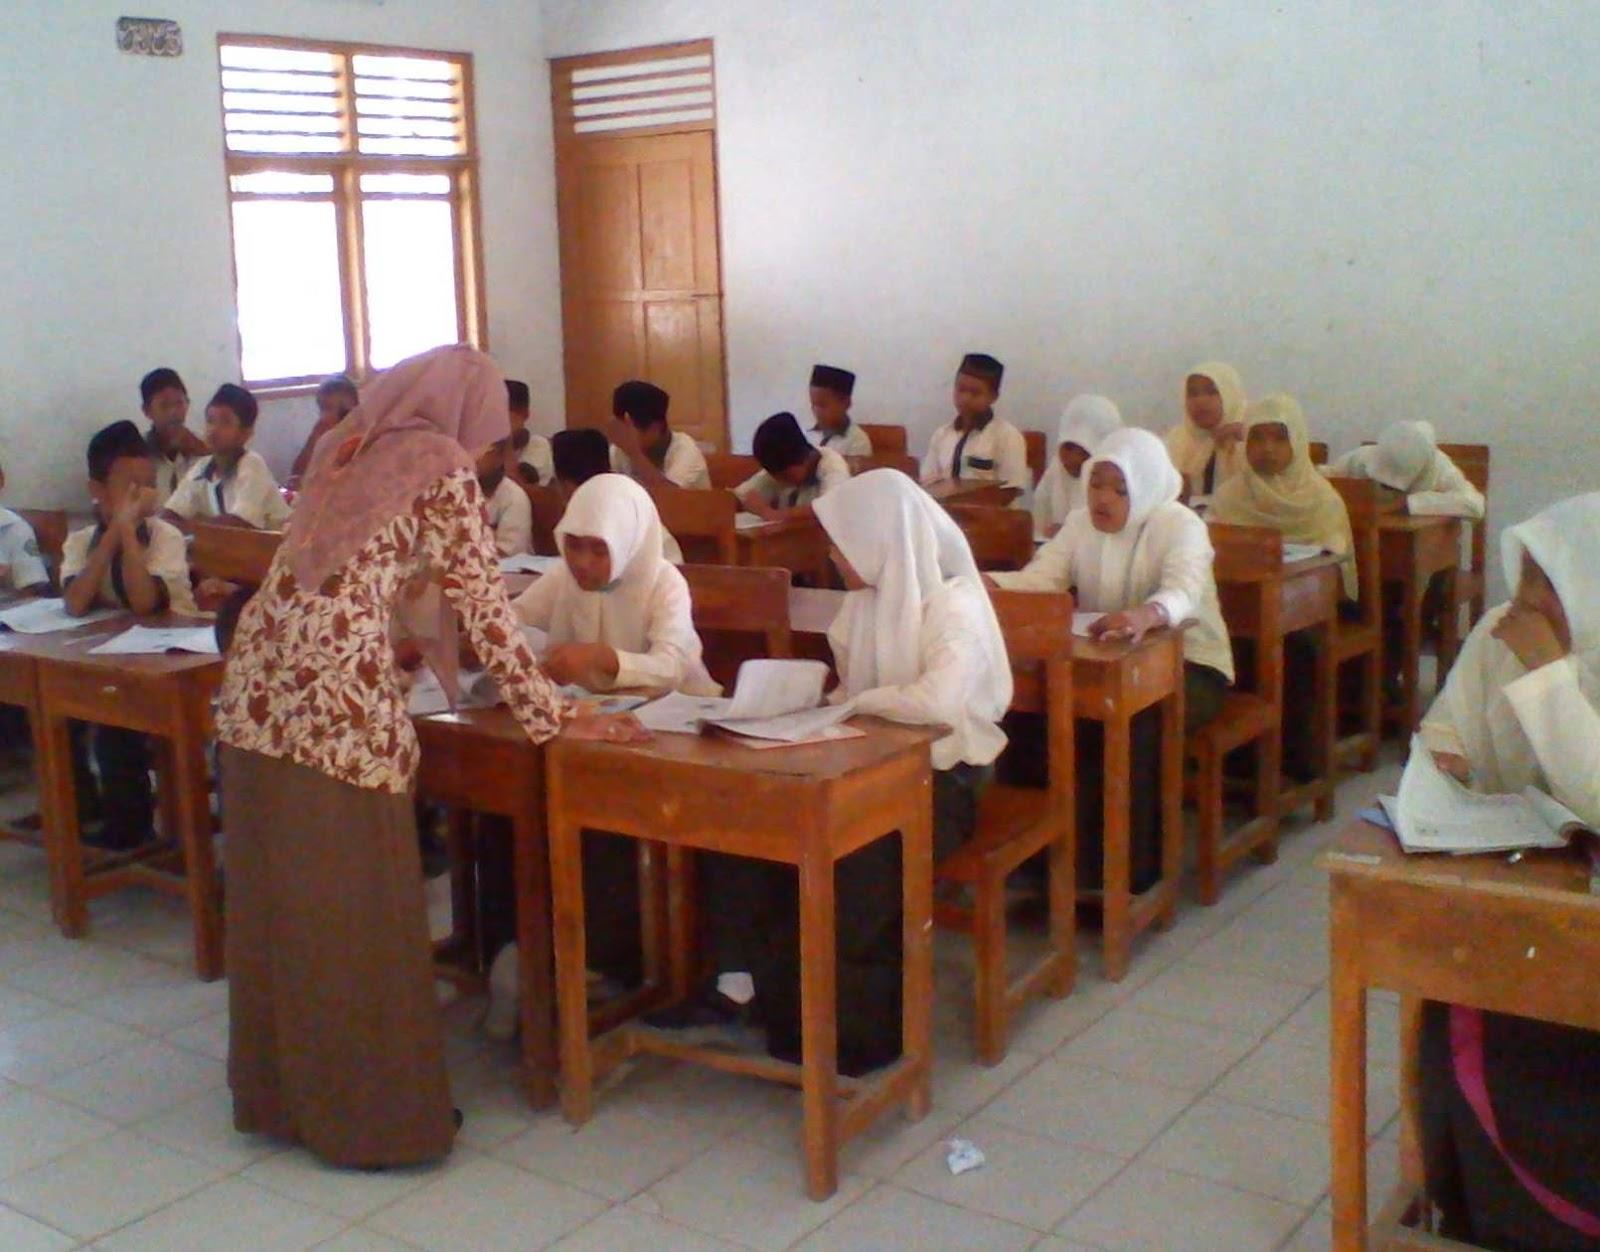 gambar Ibu guru sedang mengajar muridnya di kelas